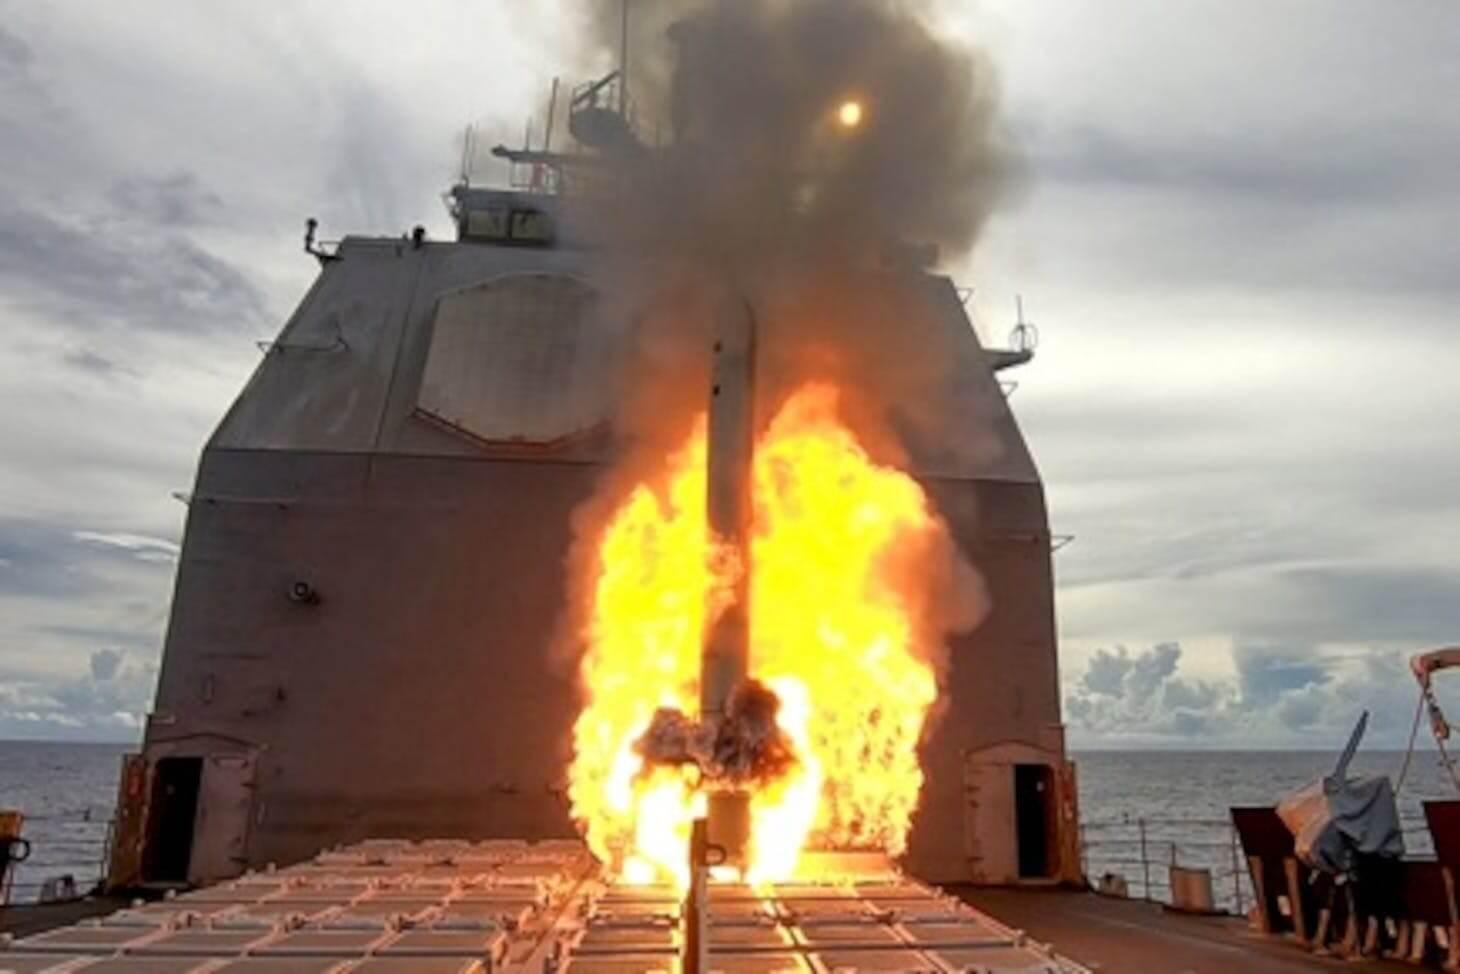 آتش سوزی یک ناو نظامی آمریکا در فیلیپین